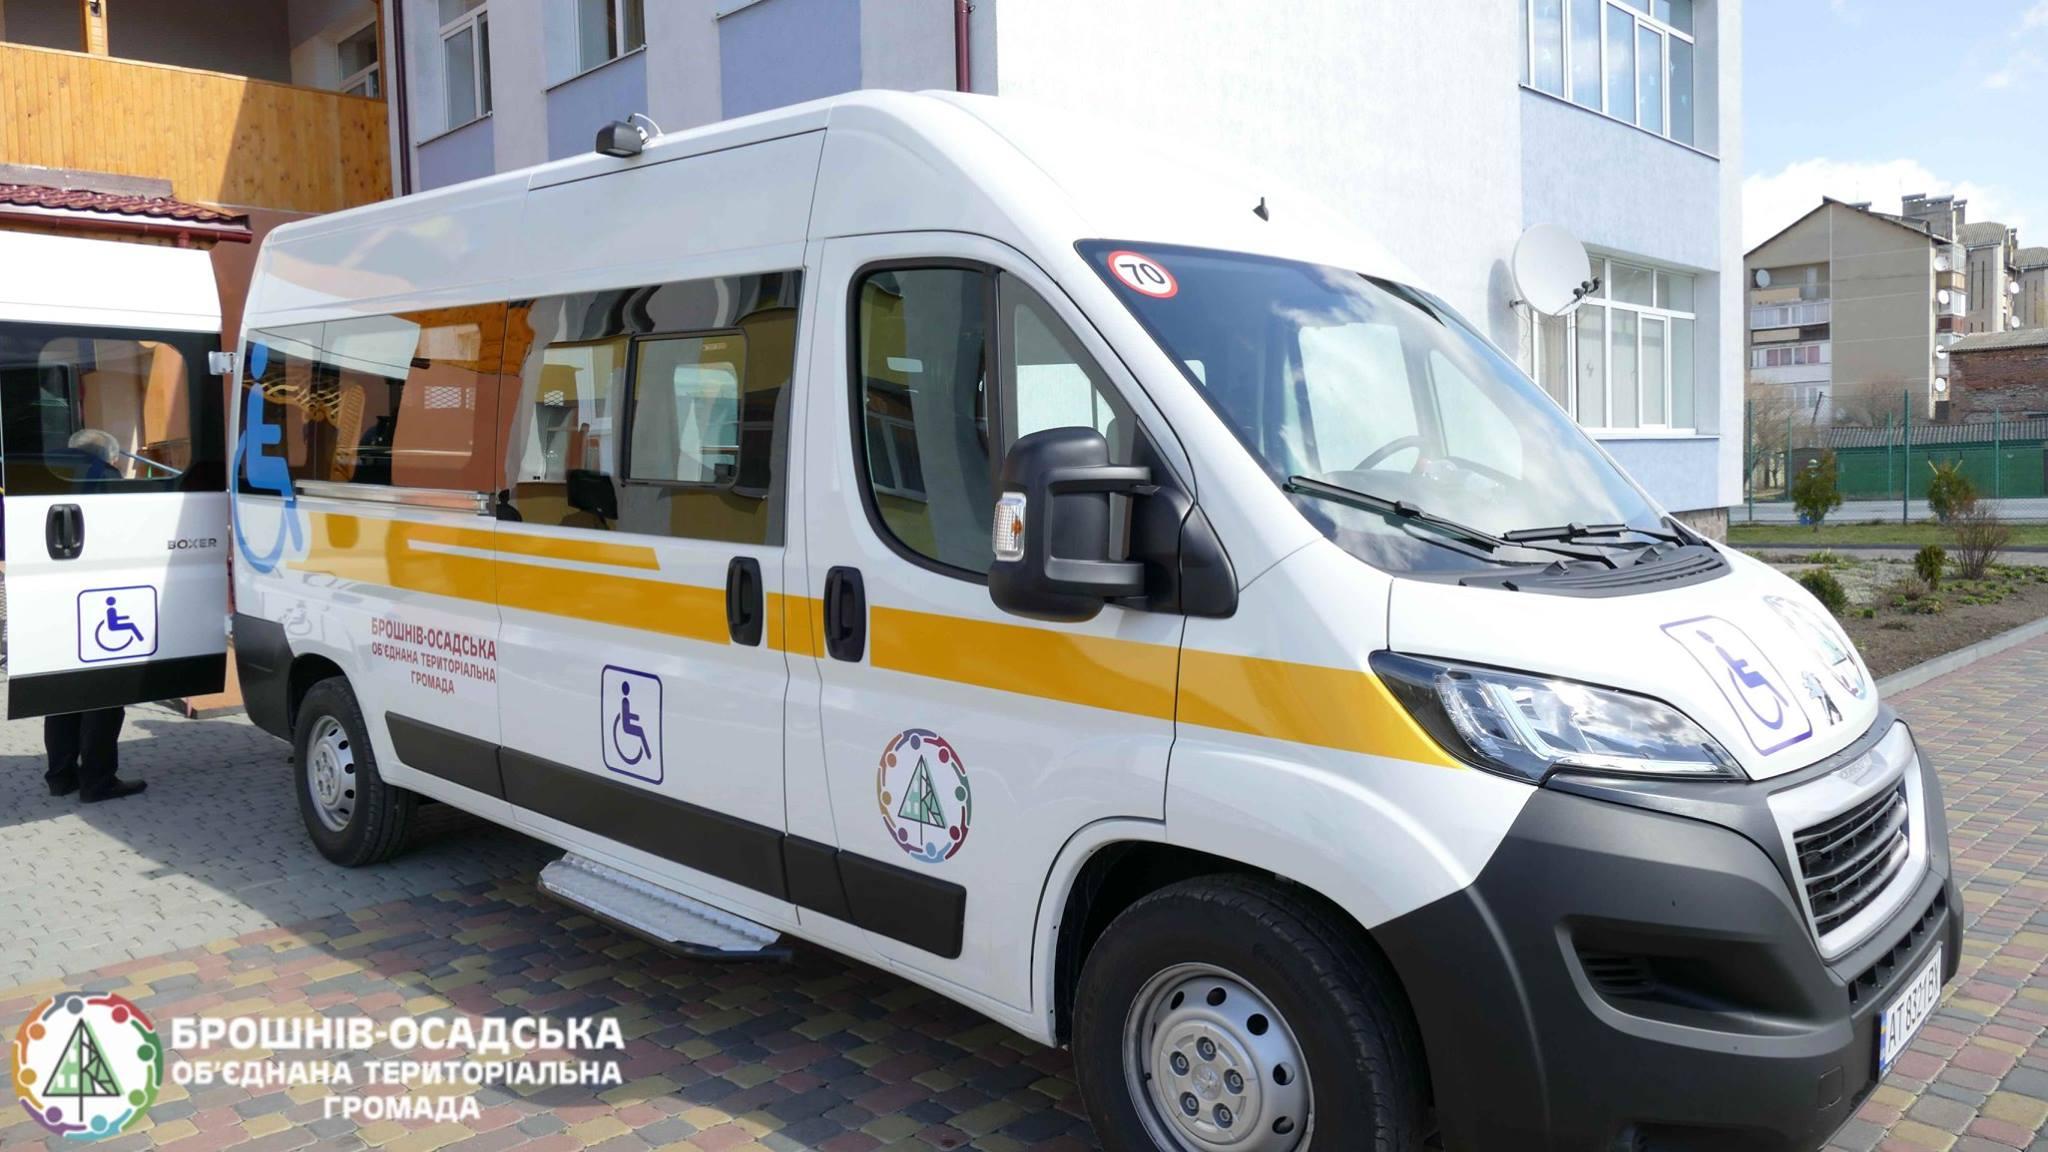 Брошнів-Осадська ОТГ отримала соціальне таксі